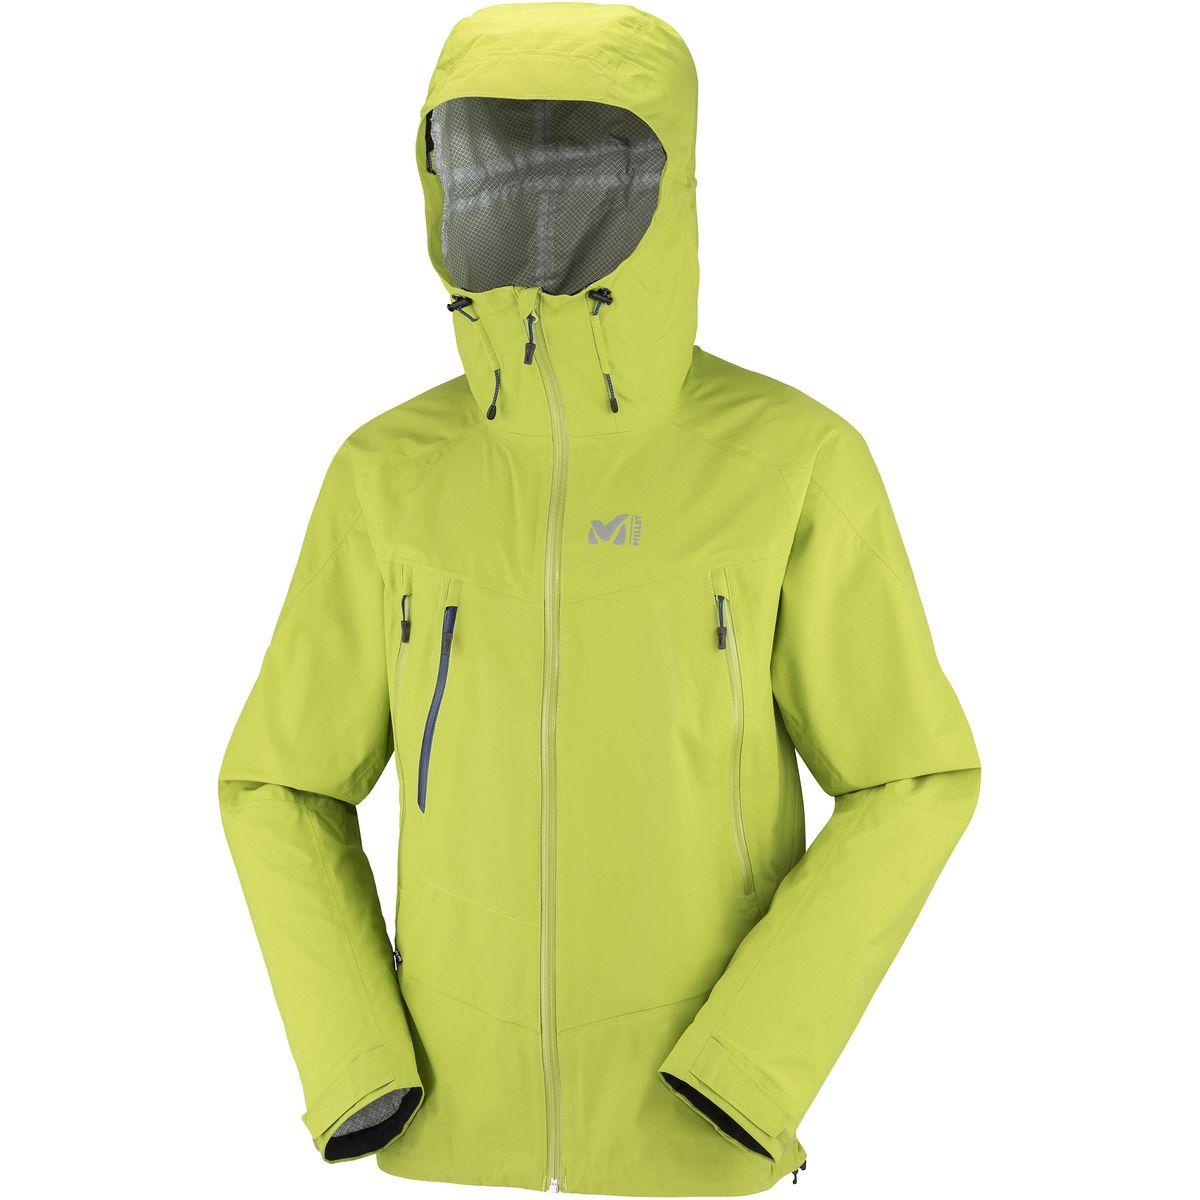 Millet Trident 2.5L Jacket